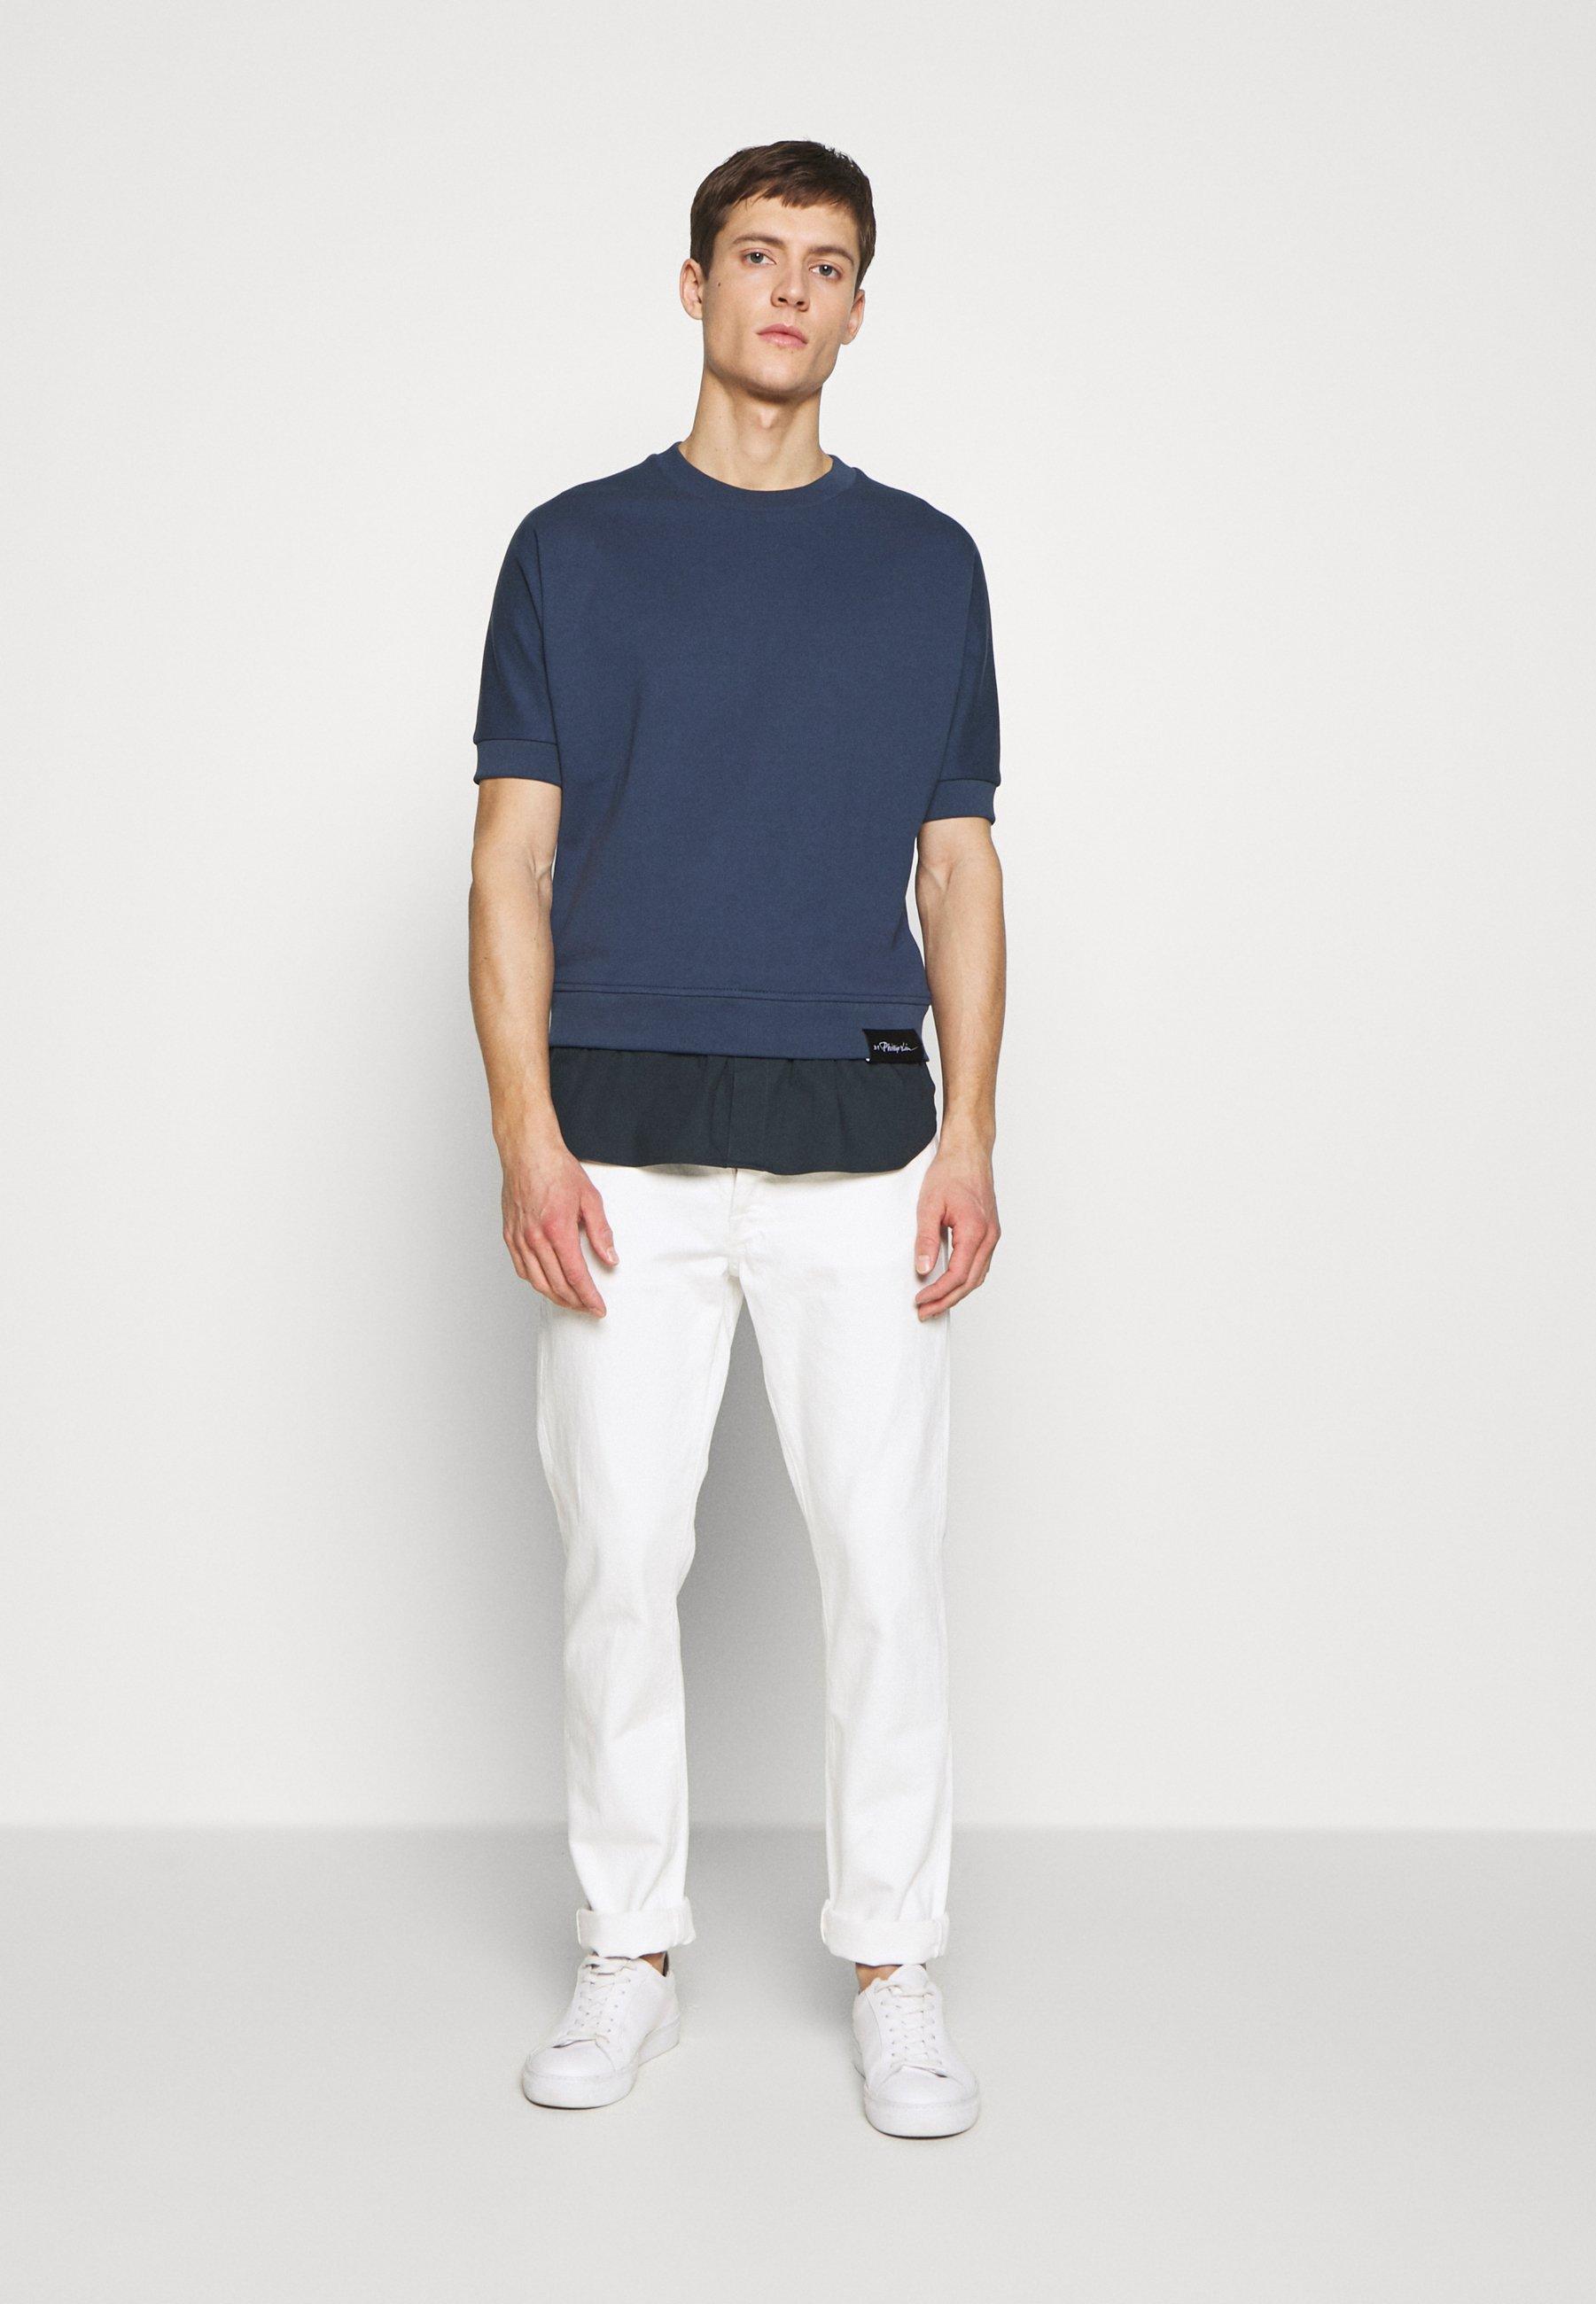 3.1 Phillip Lim Poplin - Sweatshirts Petrol Blue